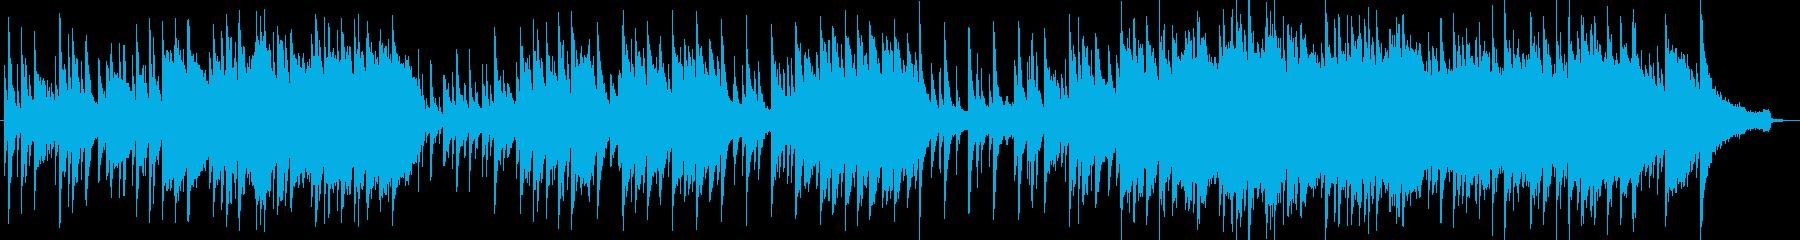 ザナルカンドにて風感動的ピアノバラードの再生済みの波形